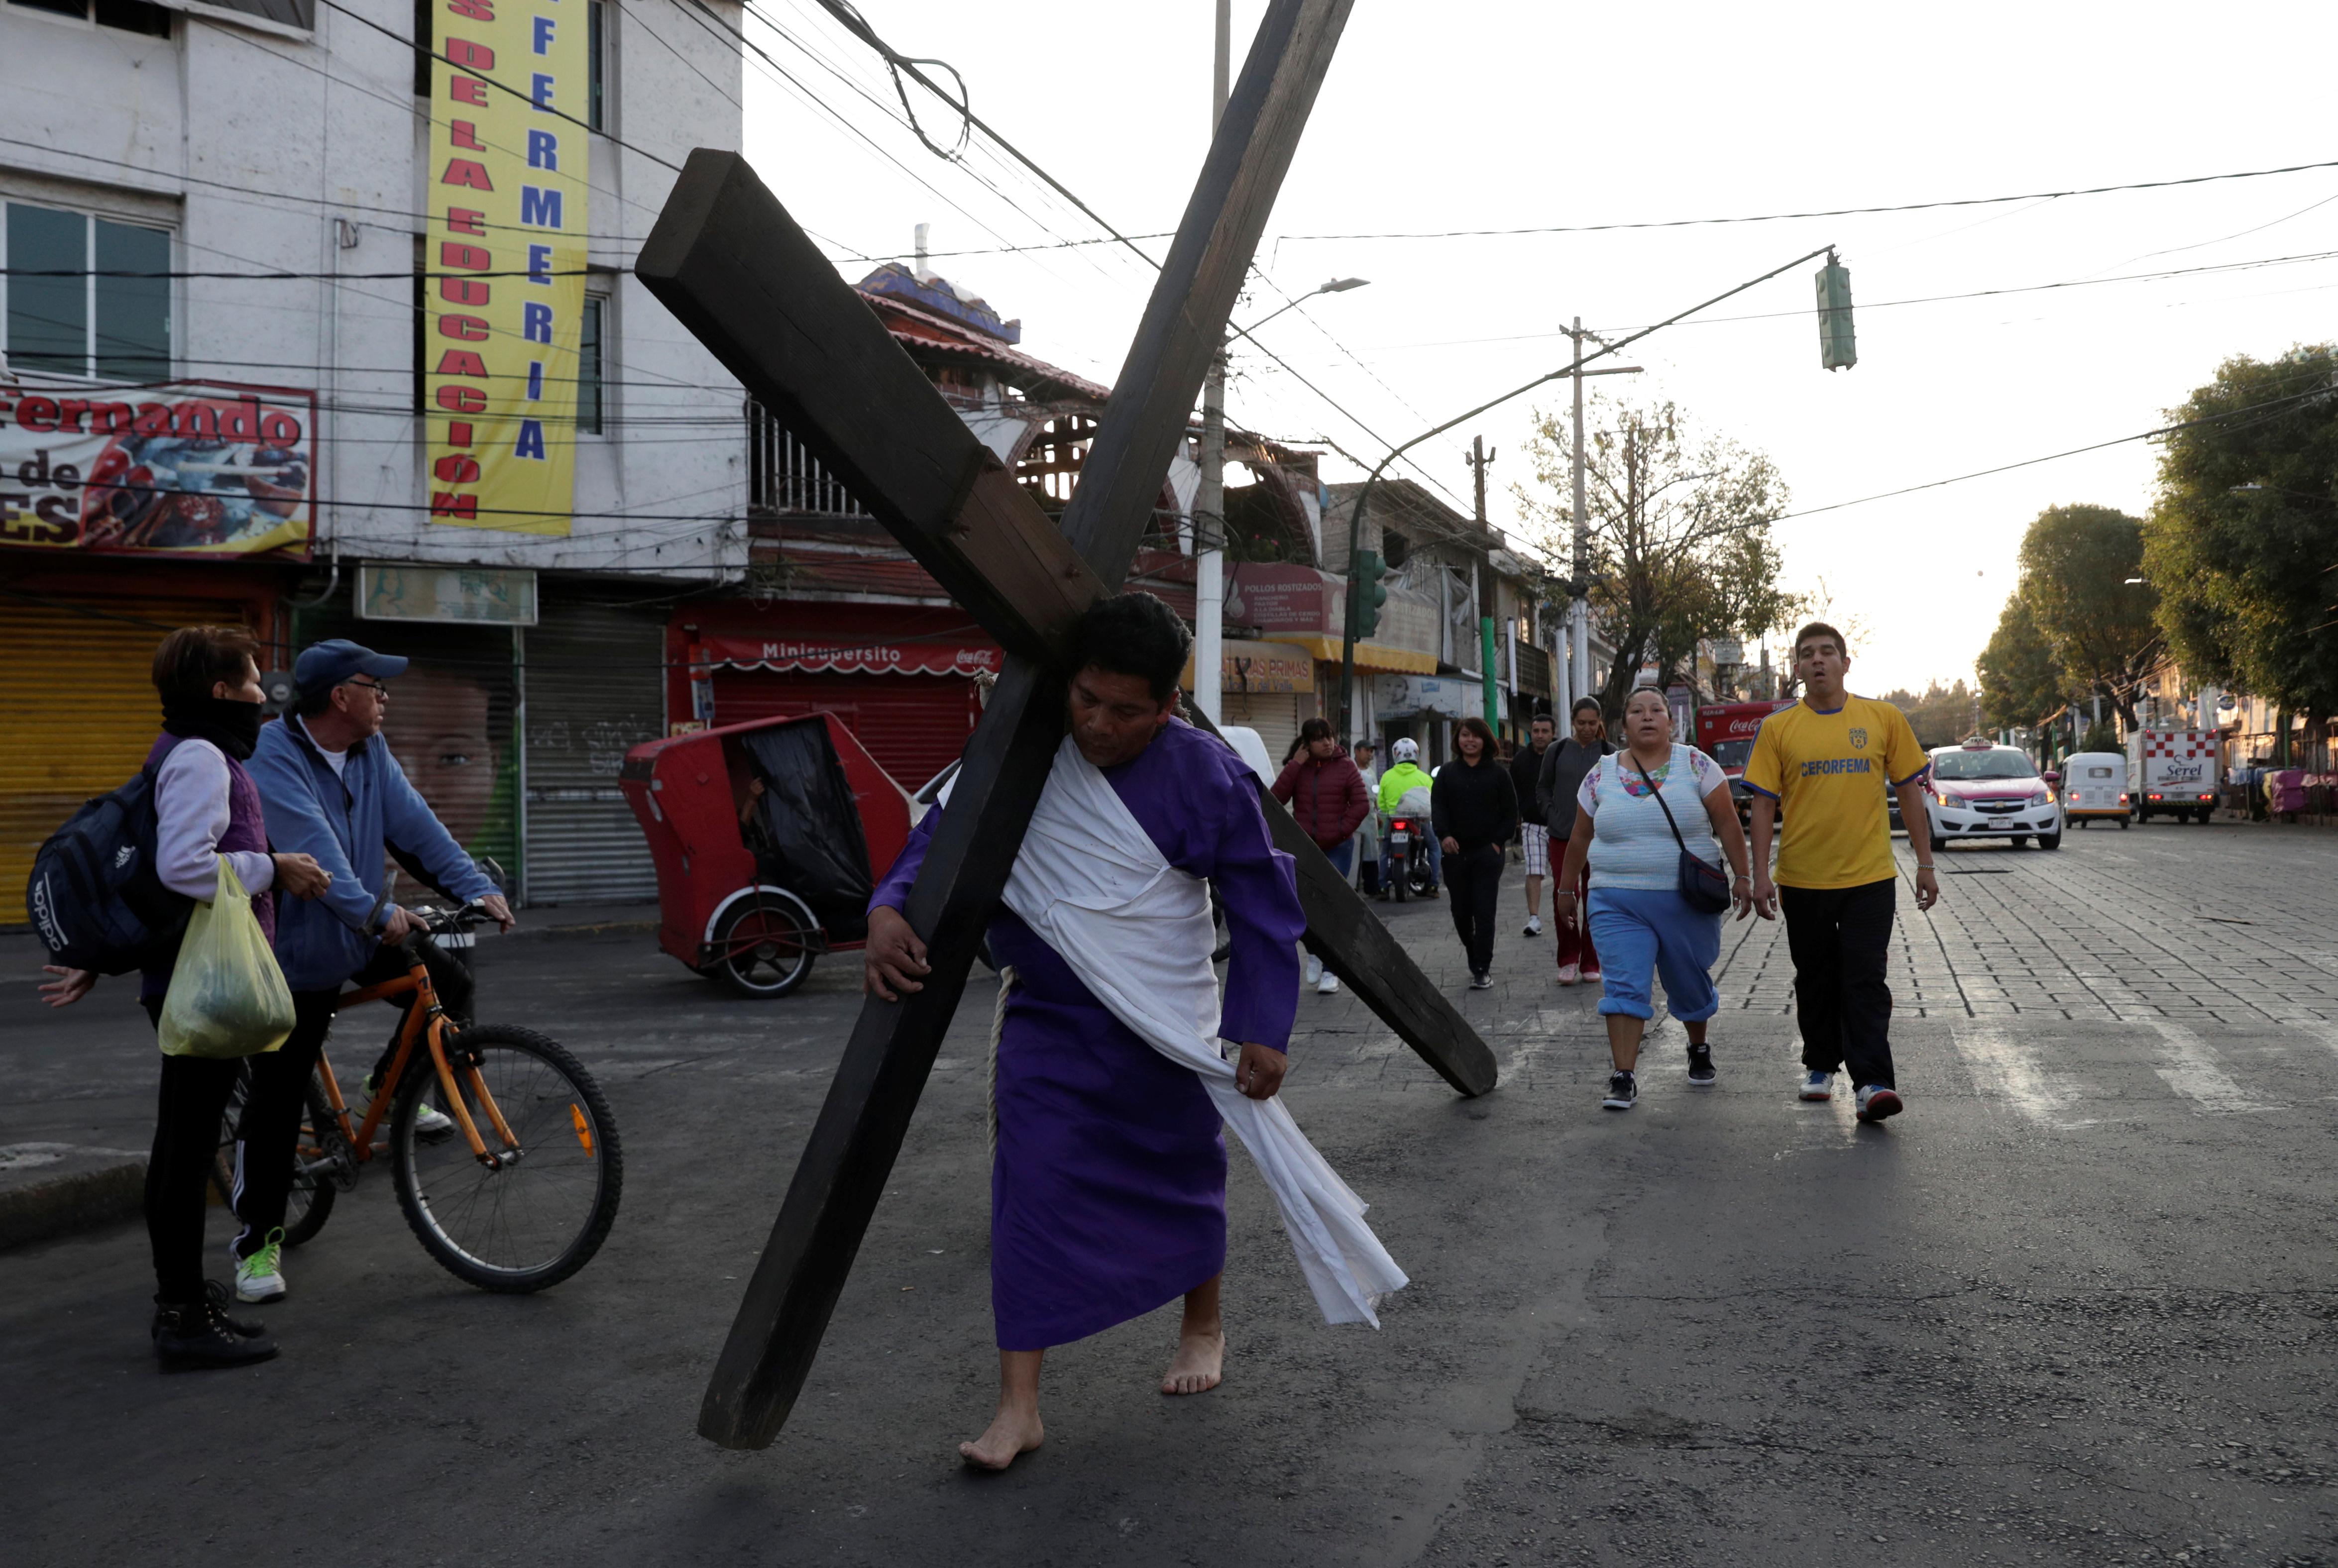 Algunos penitentes realizaron el recorrido con sus cruces el hombro por las calles de Iztapalapa a pesar de las recomendaciones del gobierno de no hacerlo (Foto: Henry Romero/Reuters)